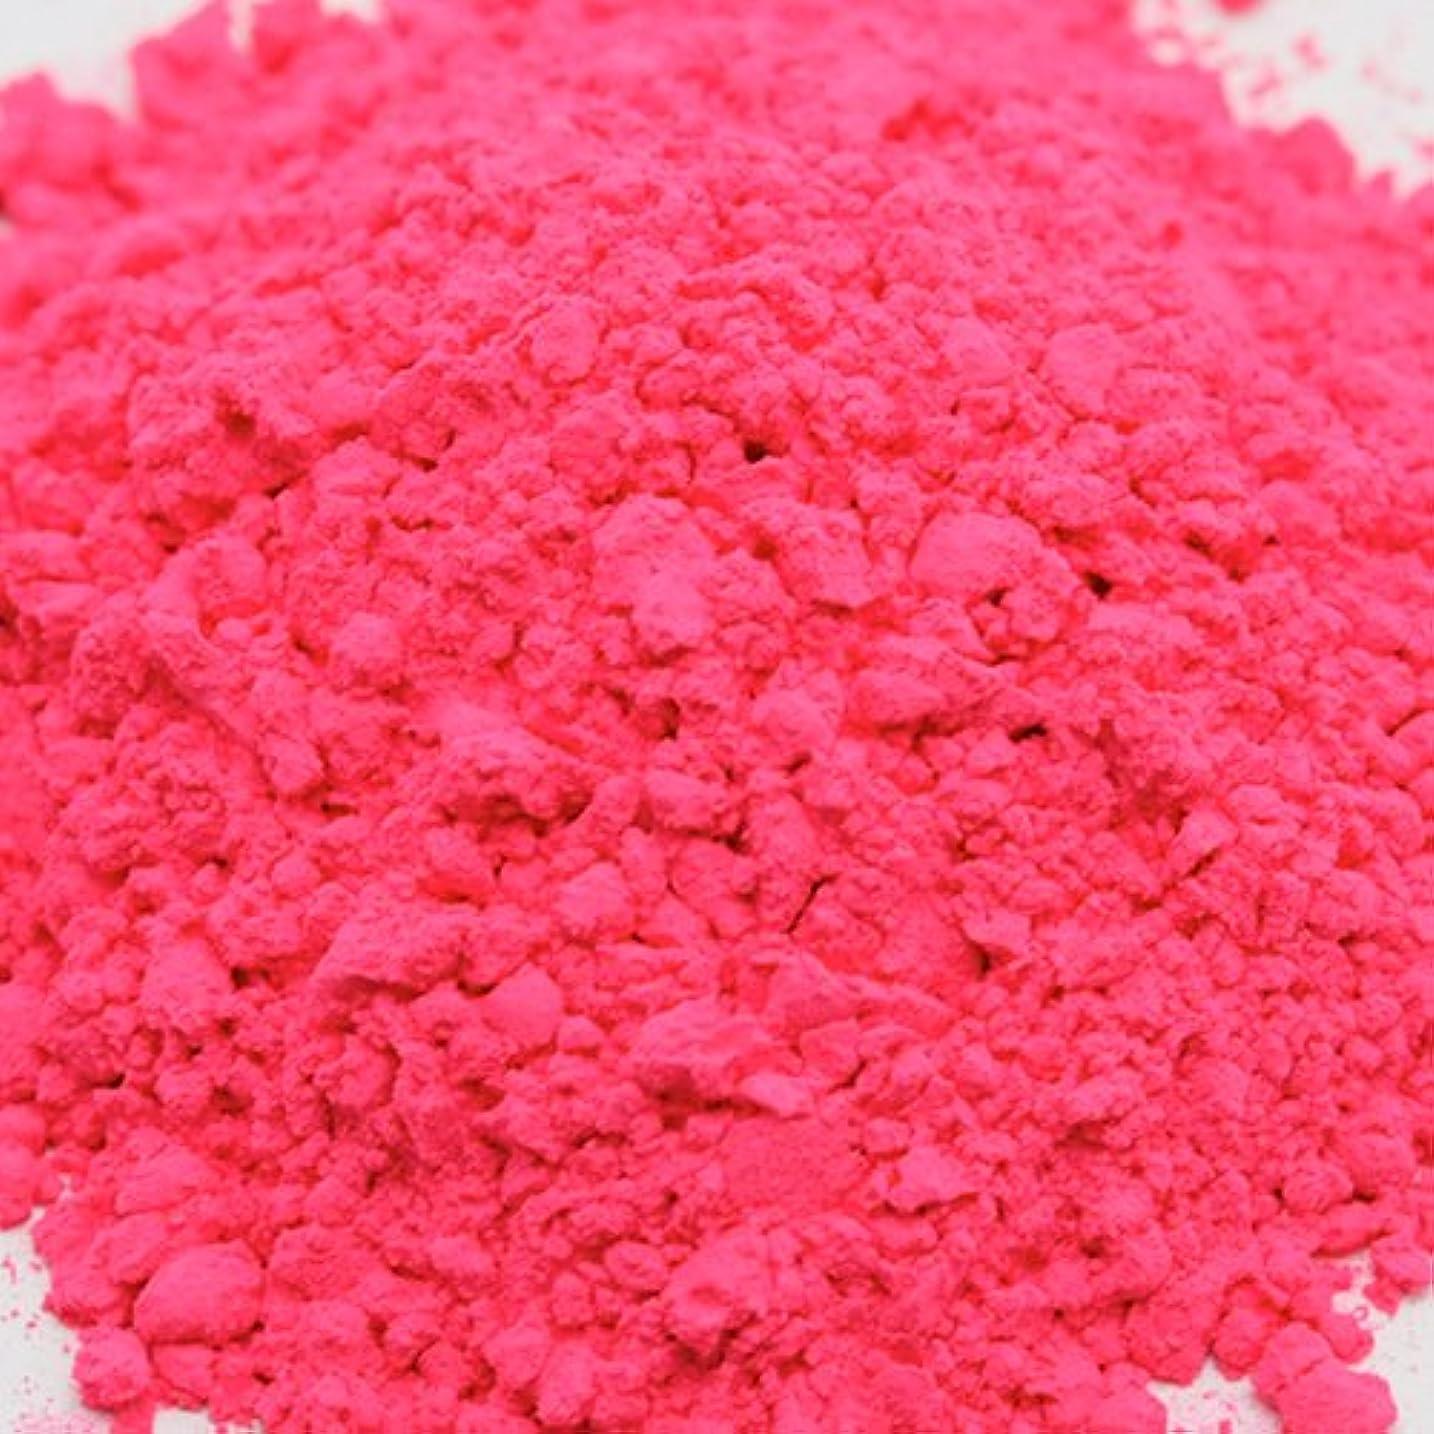 ベスビオ山自分自身オーケストラキャンディカラー ライトピンク 5g 【手作り石鹸/手作りコスメ/色付け/カラーラント】